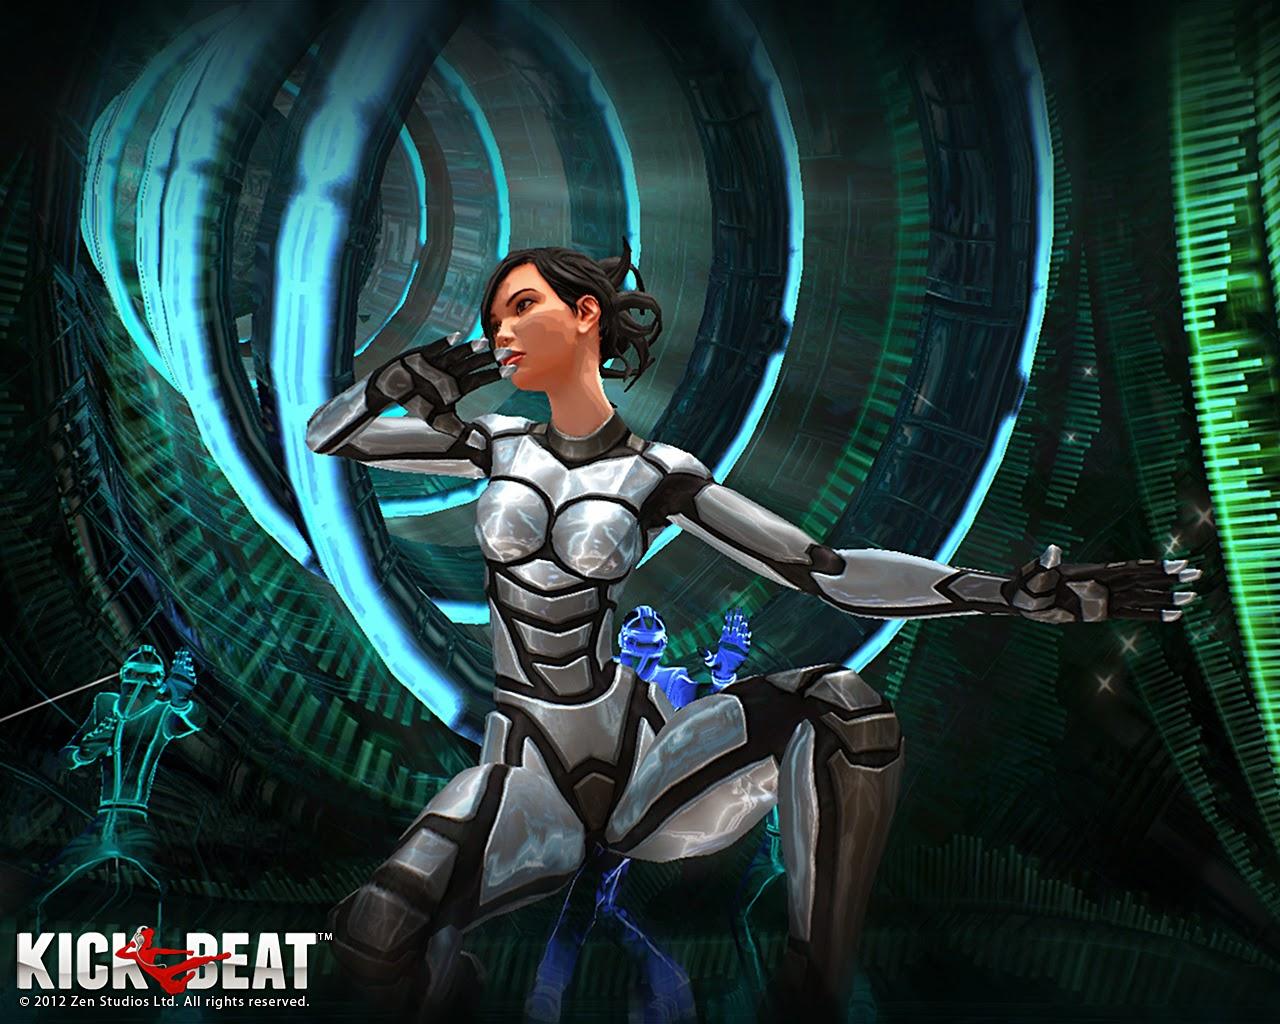 Loạt hình nền tuyệt đẹp của game âm nhạc KickBeat - Ảnh 6